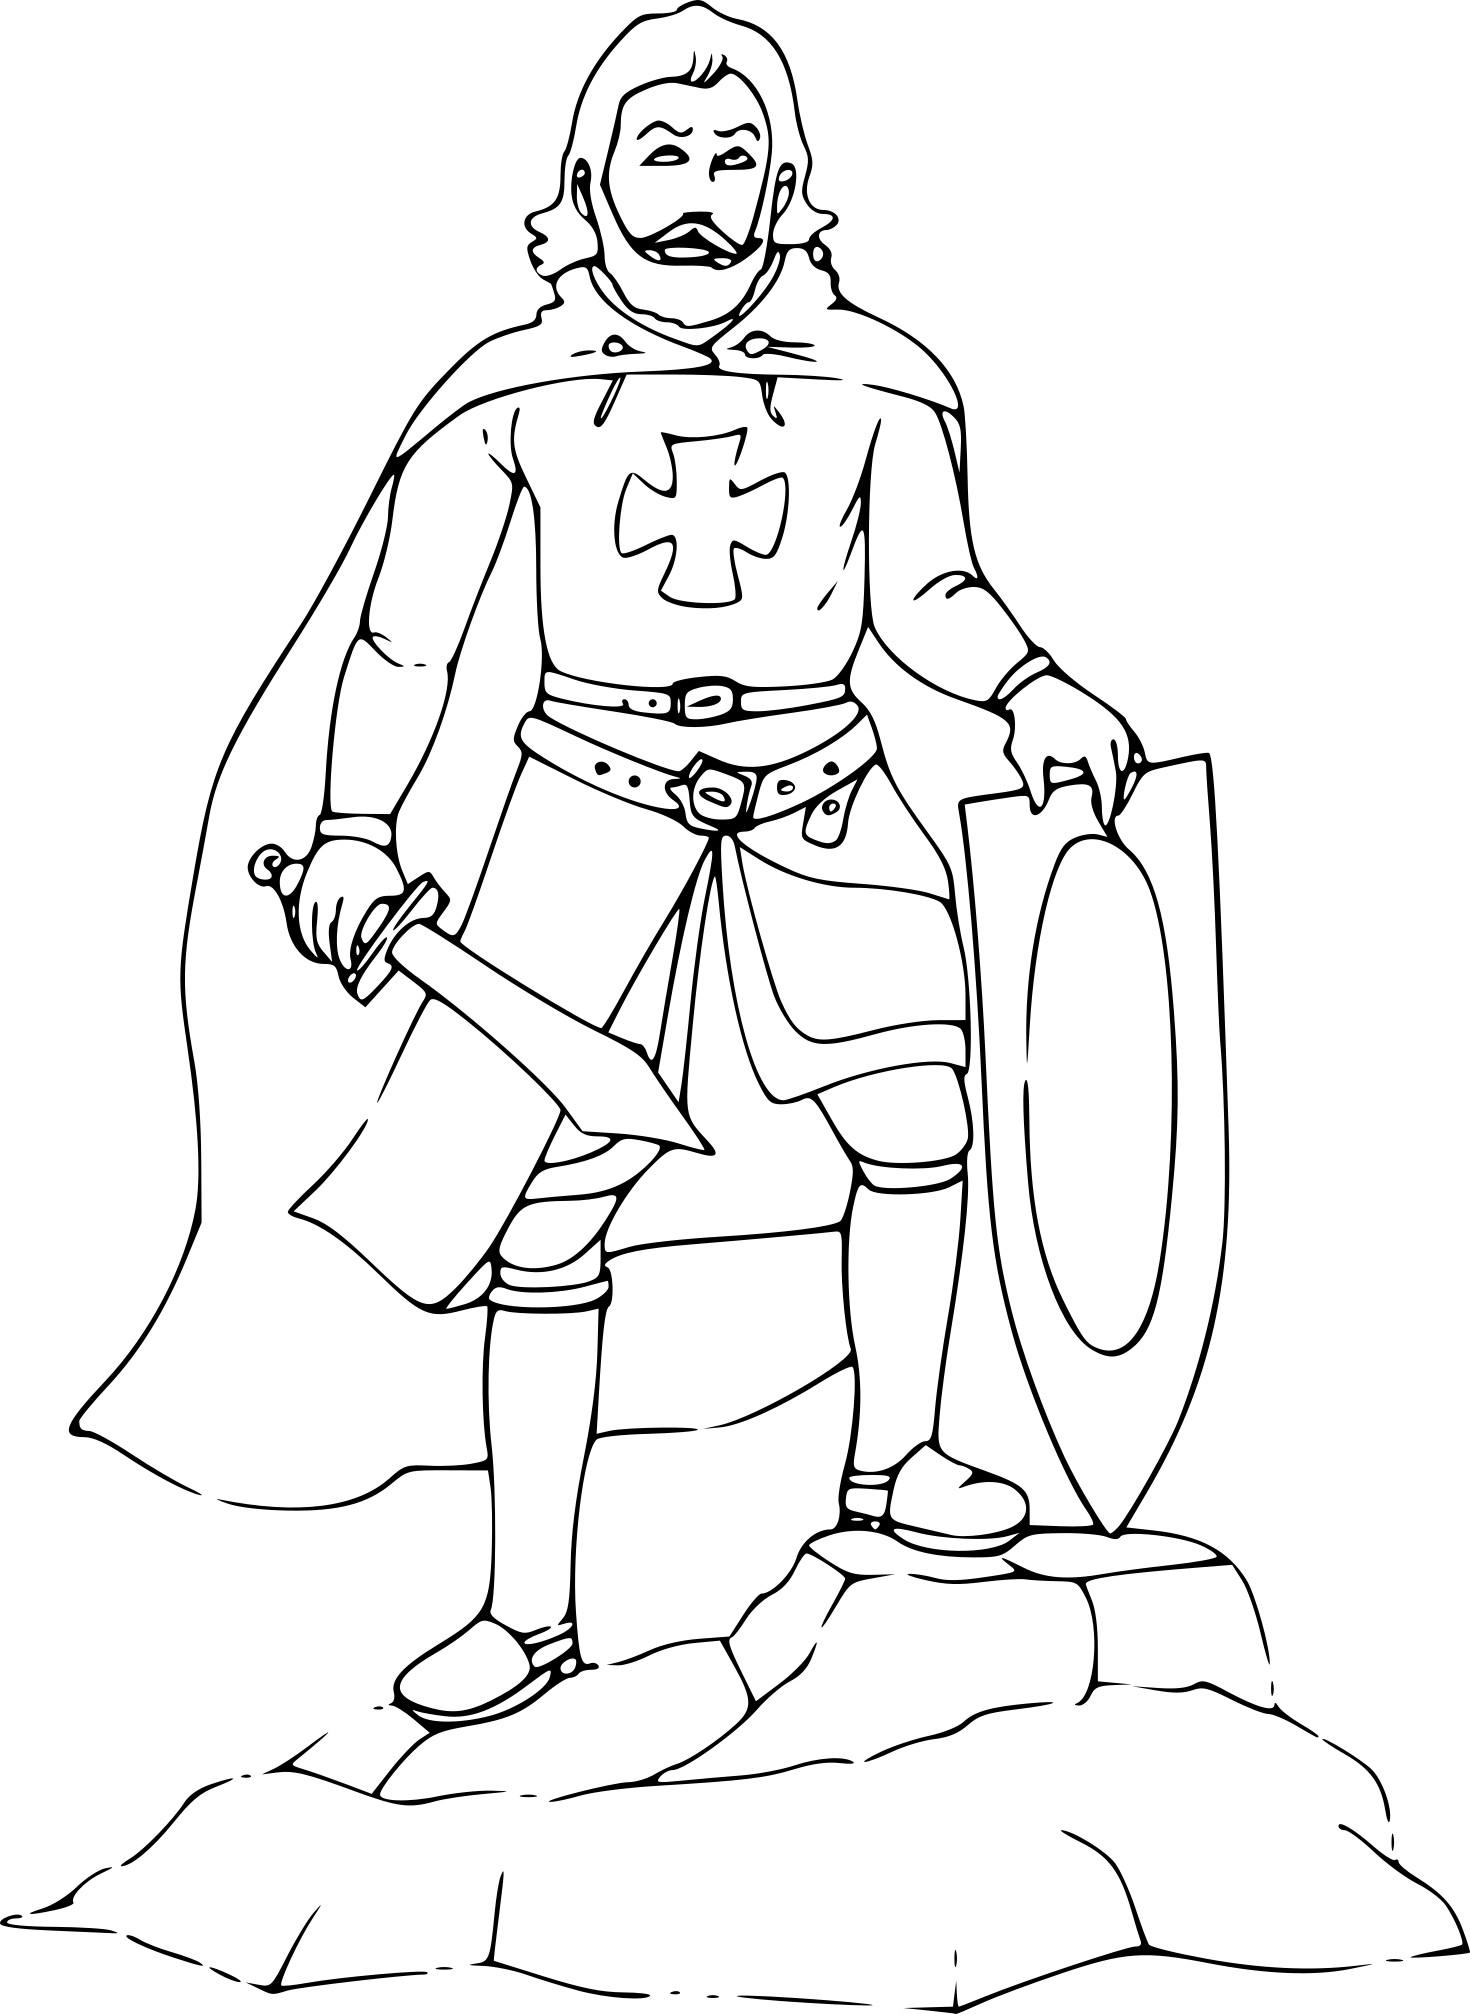 Coloriage Chevalier Avec Une Épée À Imprimer Sur Coloriages destiné Coloriage D Épée